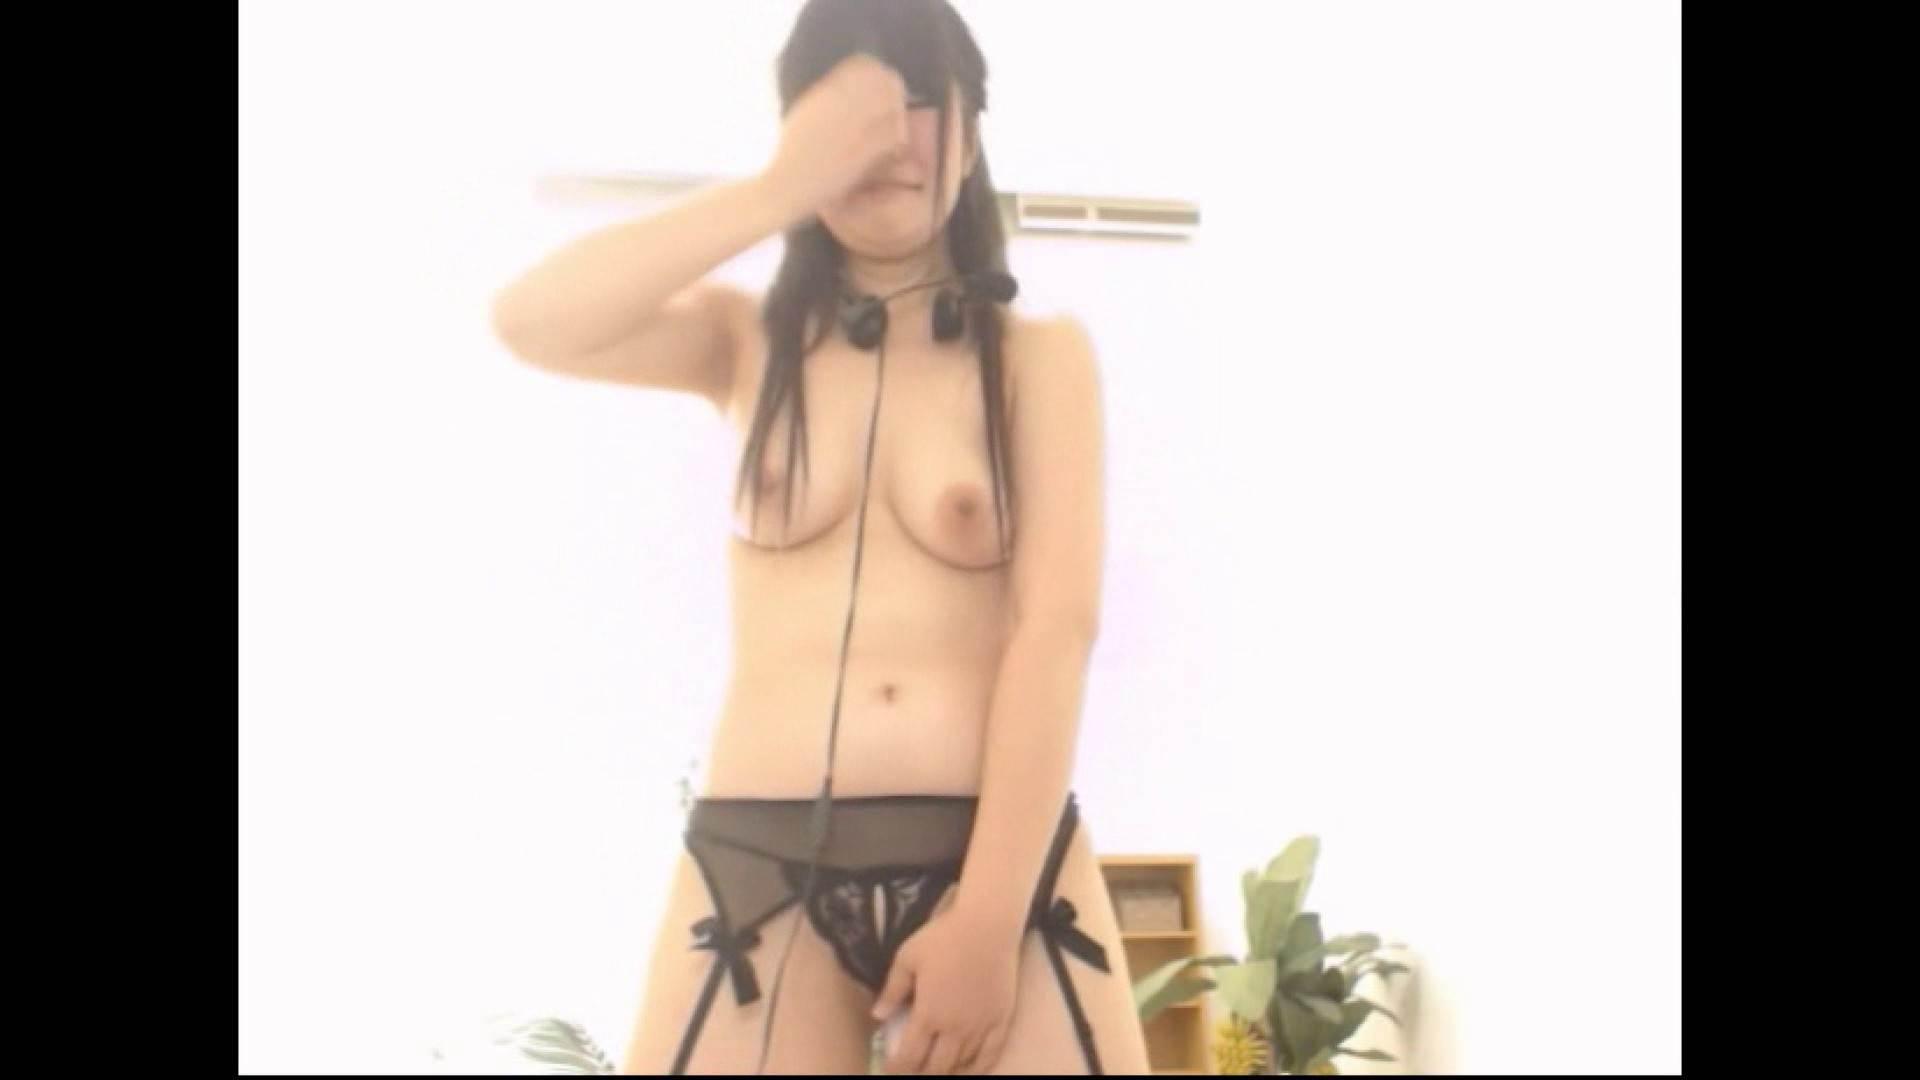 アヘ顔のわたしってどうかしら Vol.02 美女ヌード天国 ワレメ無修正動画無料 67PIX 50